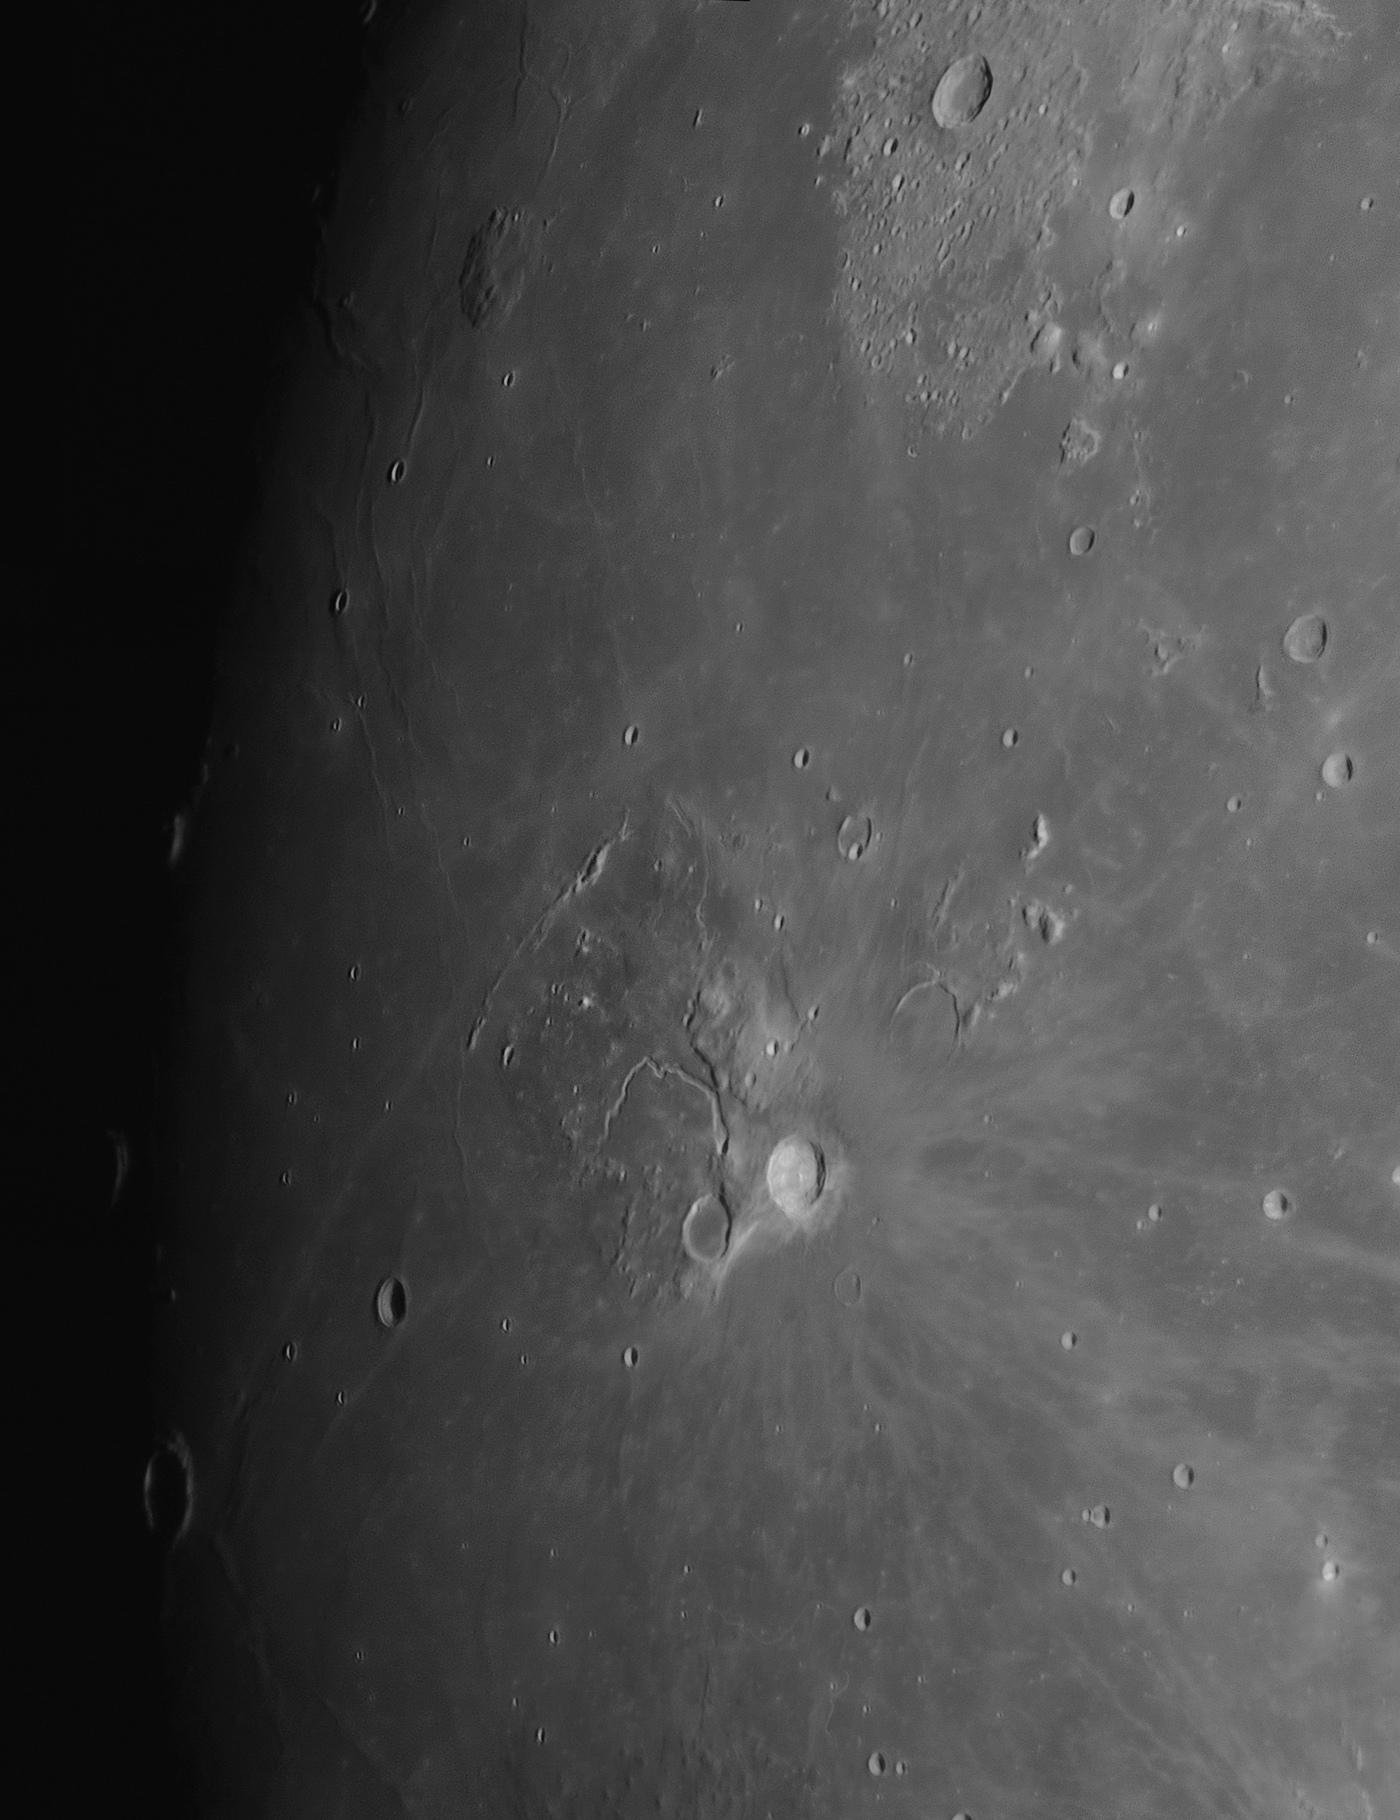 20191209 - Aristarque 2.jpg